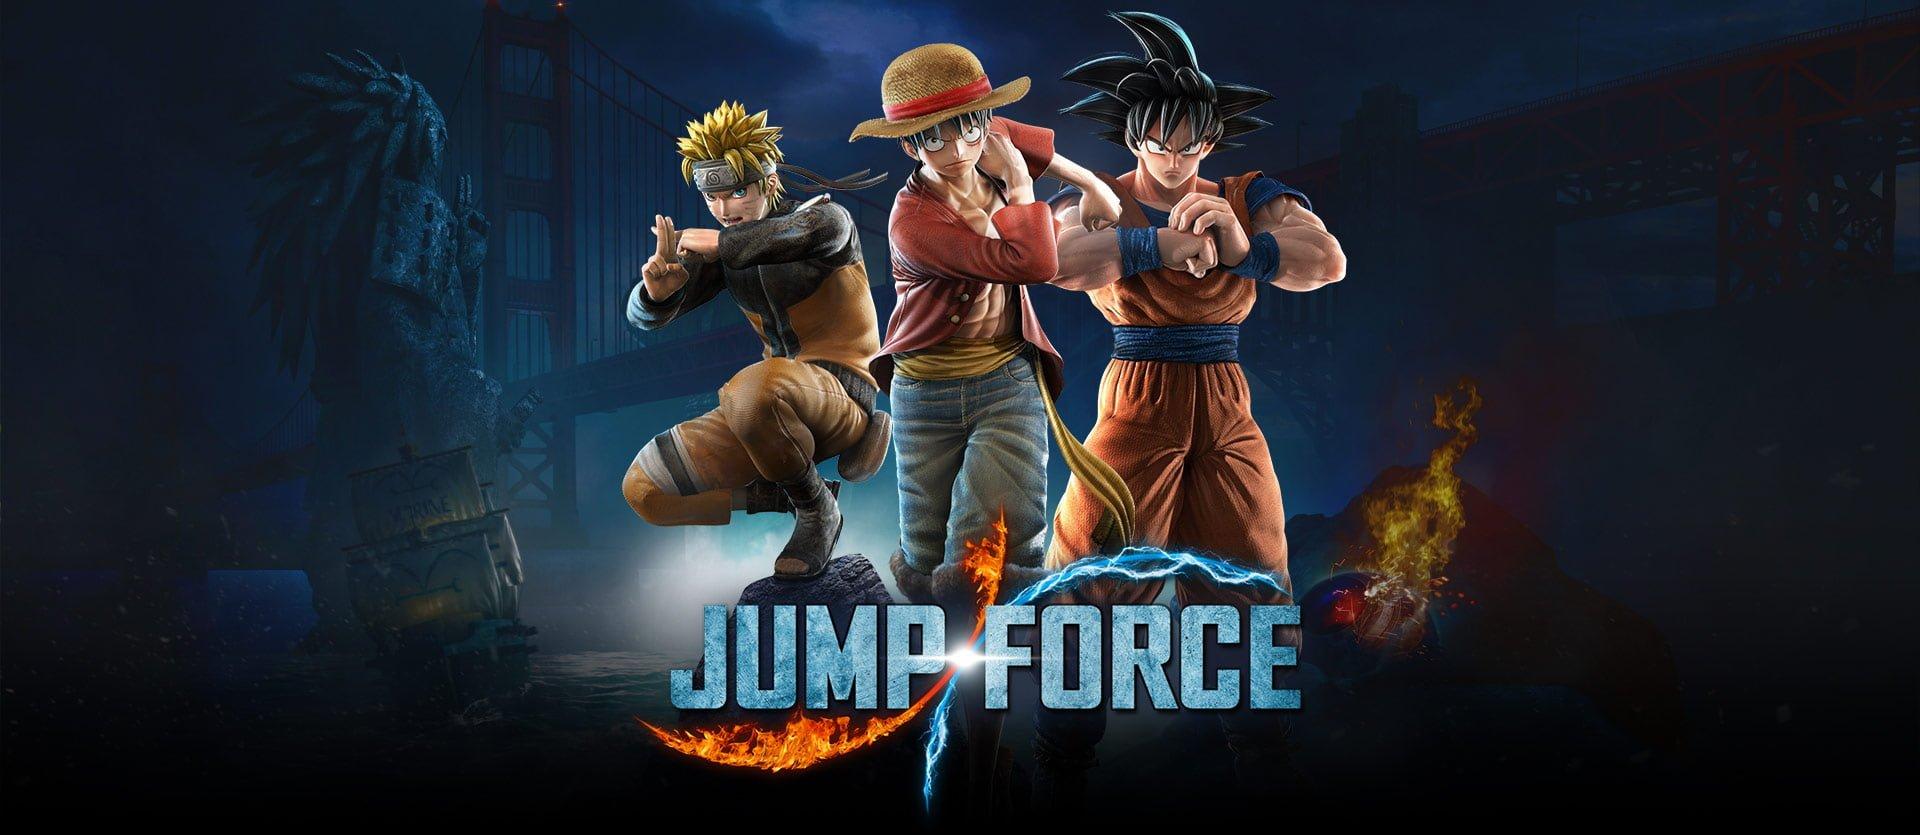 Recenzja Jump Force - mylić się jest rzeczą ludzką, ale aż tak bardzo? Genialni bohaterowie w sennym koszmarze 19